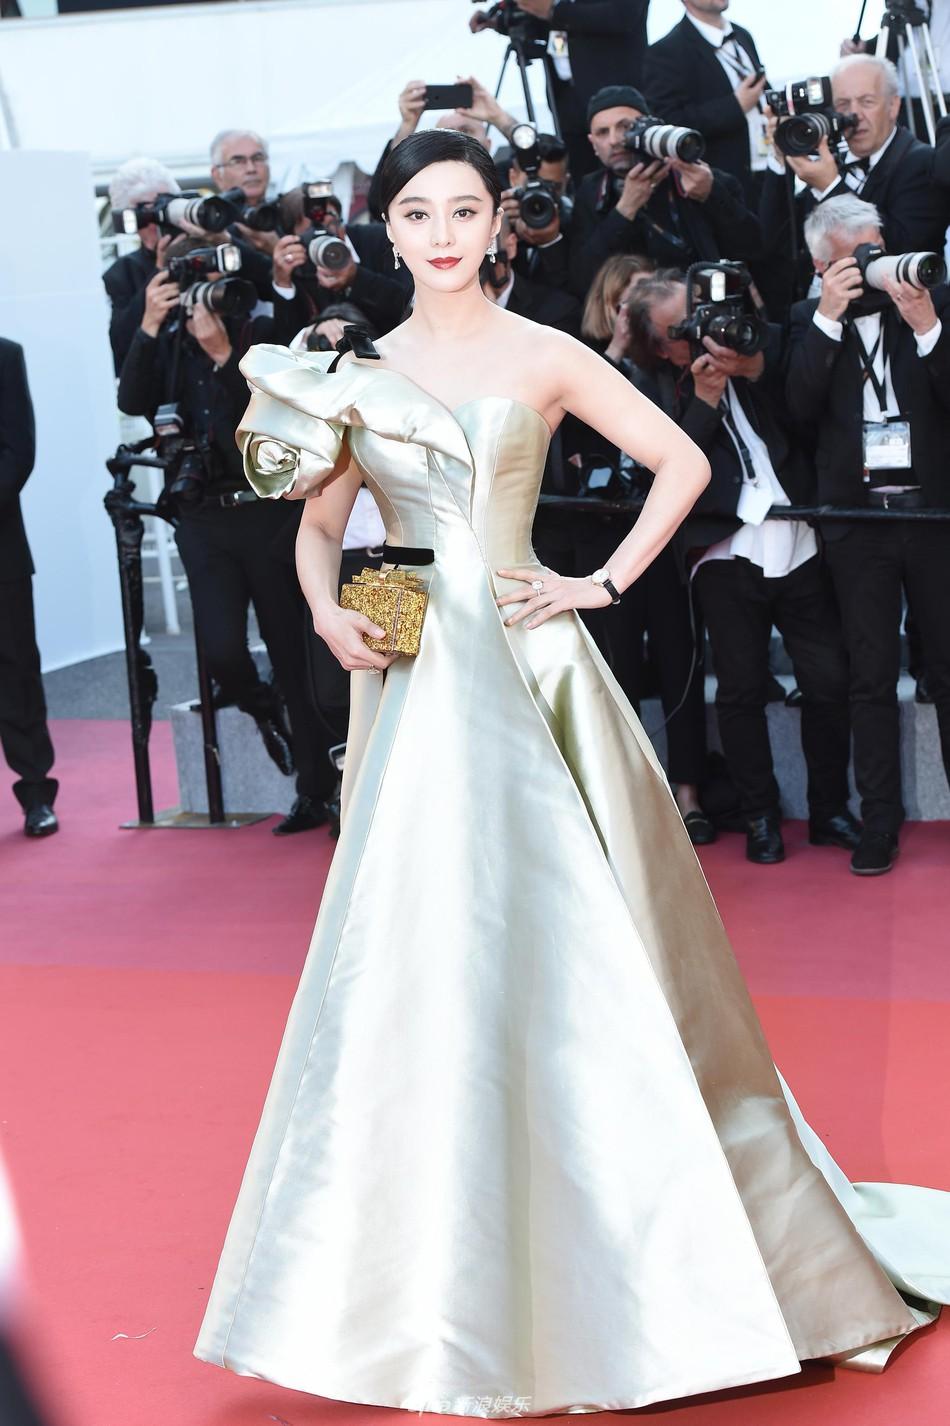 Thảm đỏ Cannes: Đây mới chính là nữ hoàng Phạm Băng Băng mà tất cả cùng mong chờ! - Ảnh 3.